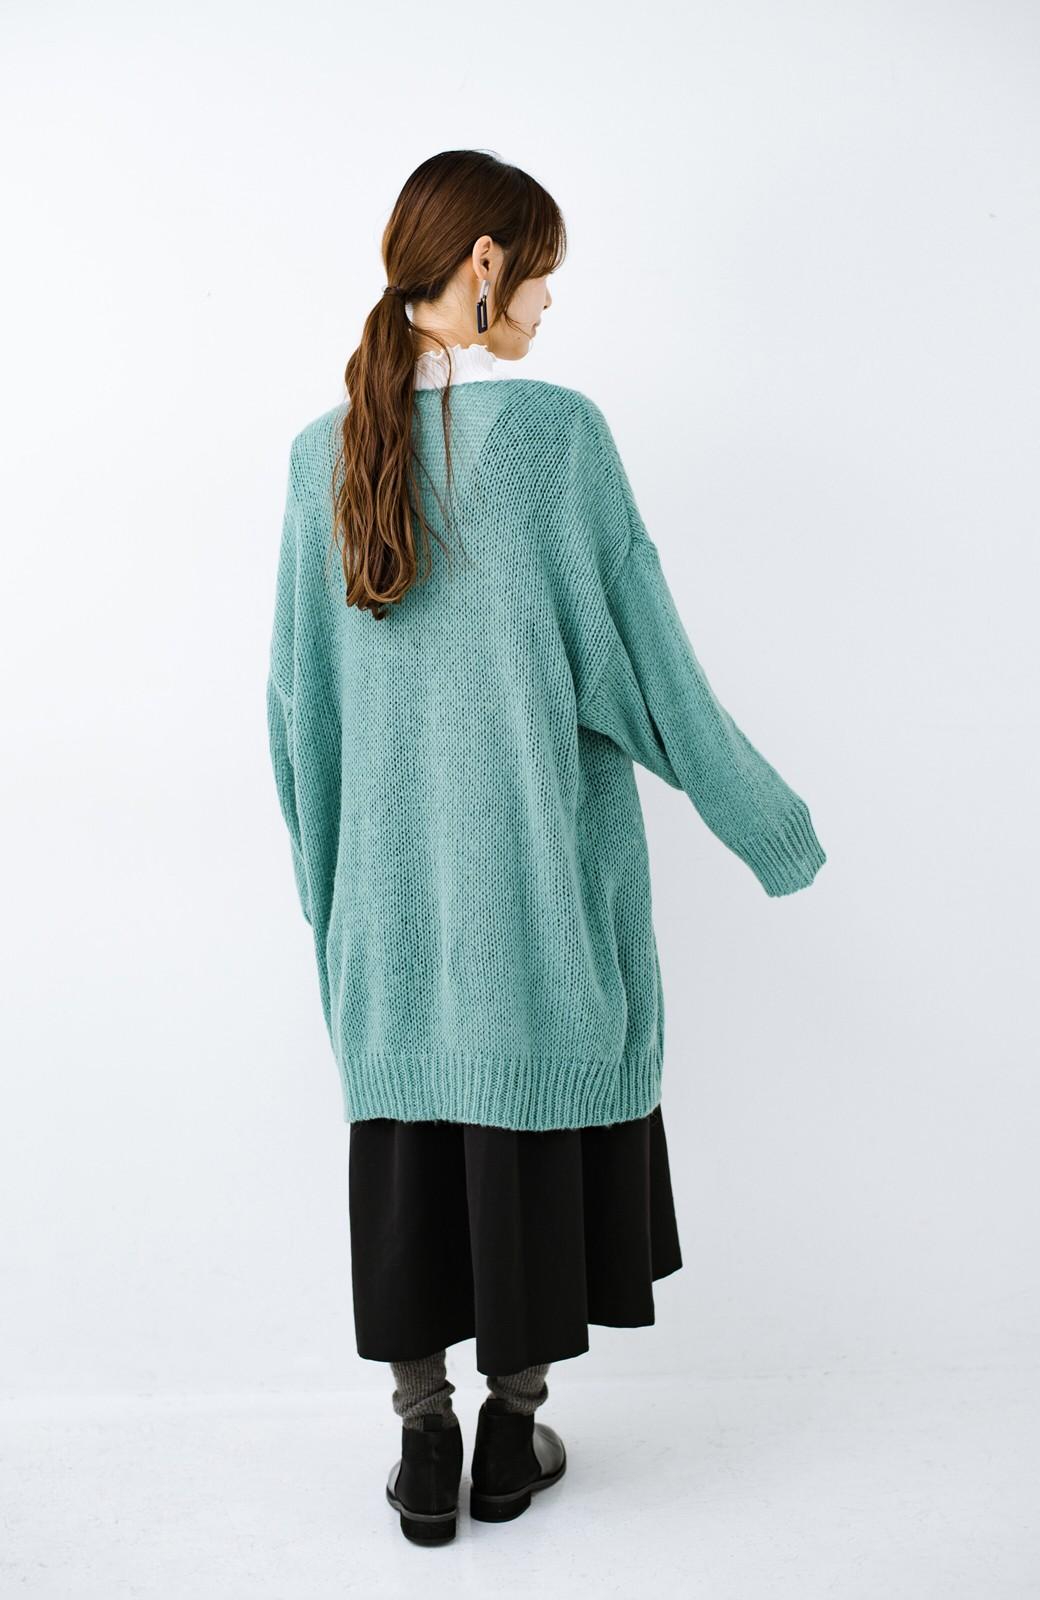 haco! ゆるゆるゆる編みで軽やかにかわいくなれる 前後ろ2WAYカーディガン <ミント>の商品写真16